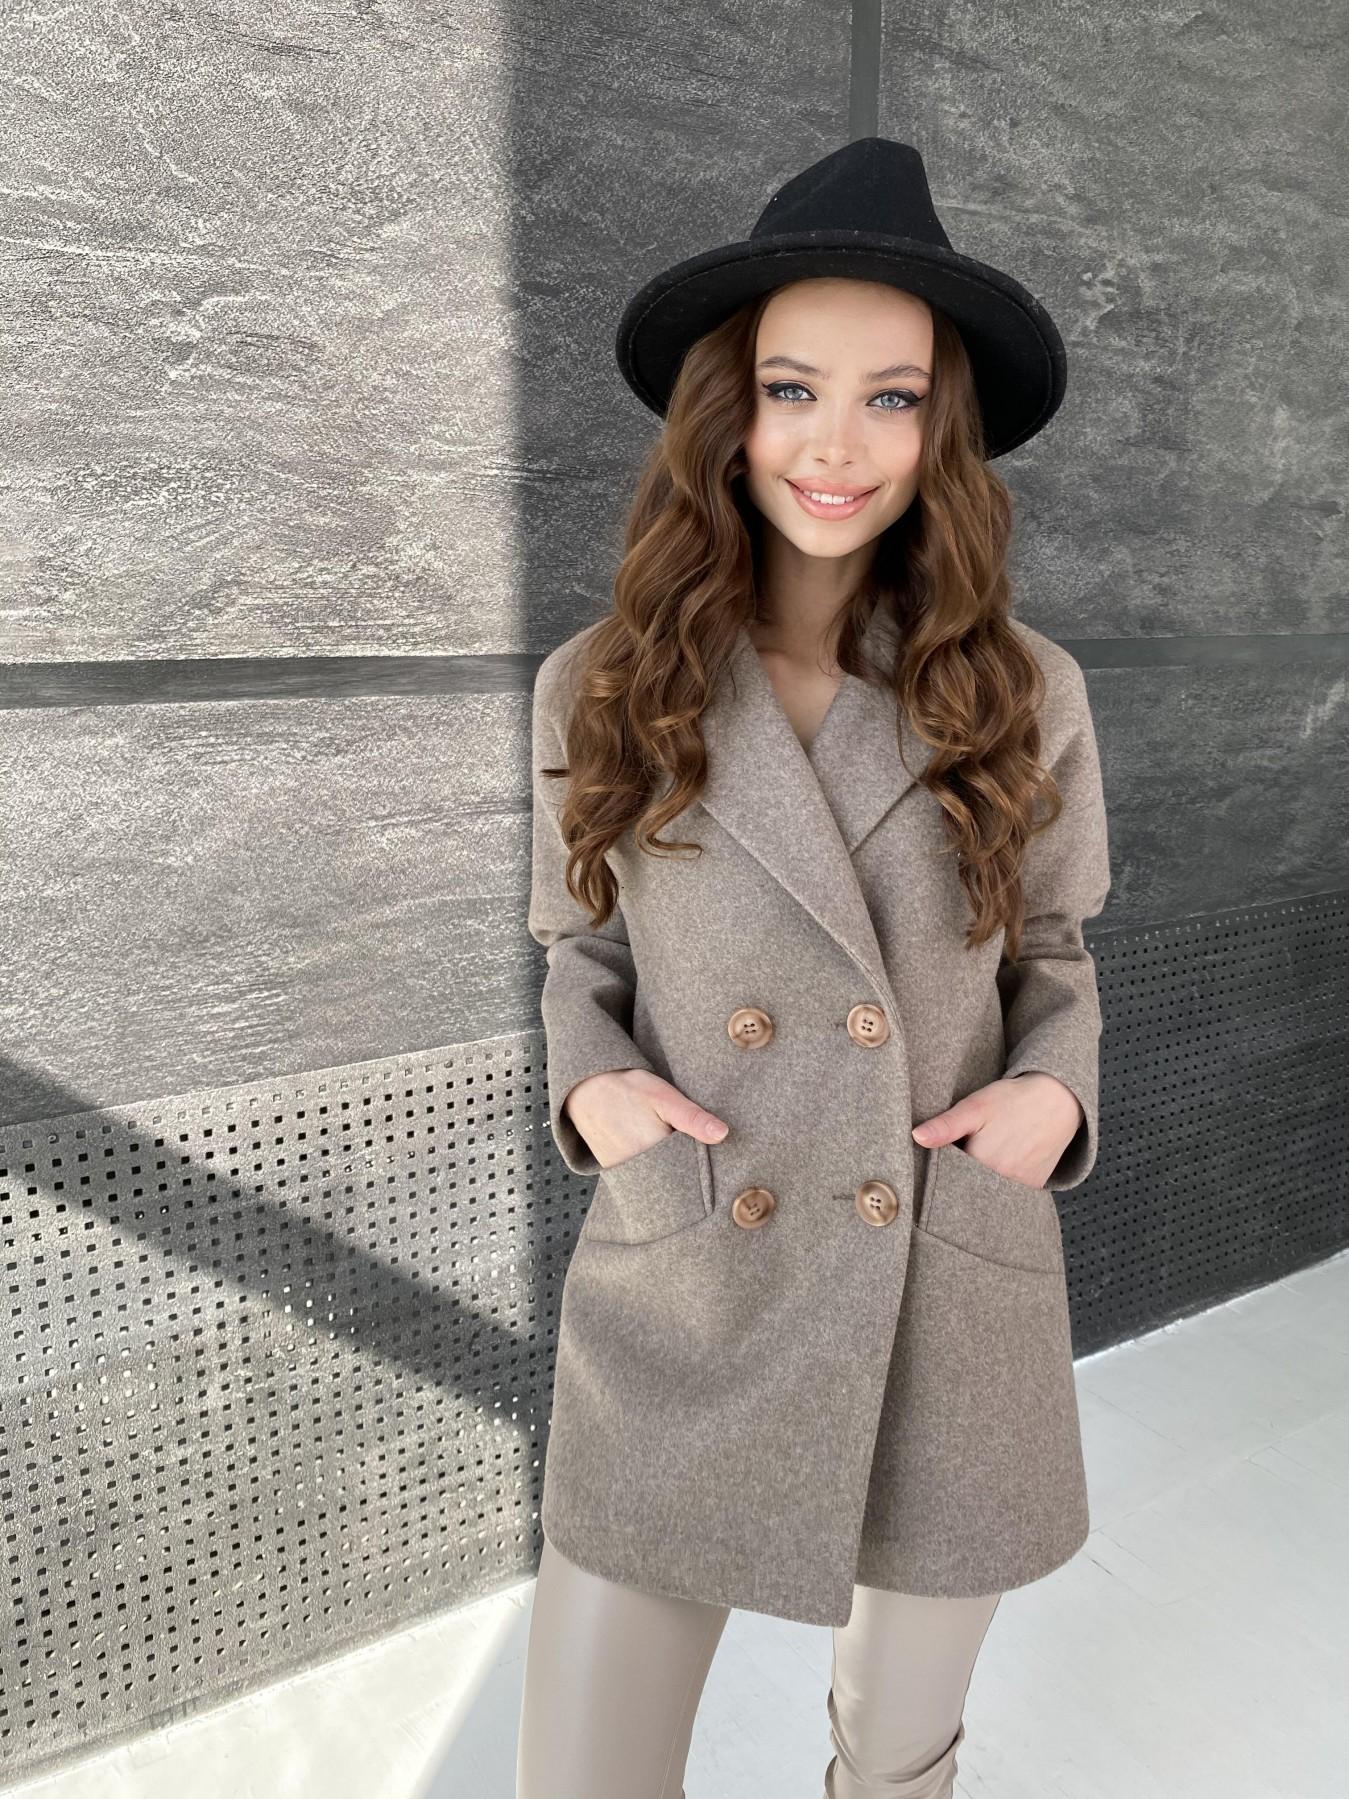 Бонд пальто  кашемировое меланж на трикотаже  10644 АРТ. 47178 Цвет: Бежевый 28 - фото 5, интернет магазин tm-modus.ru